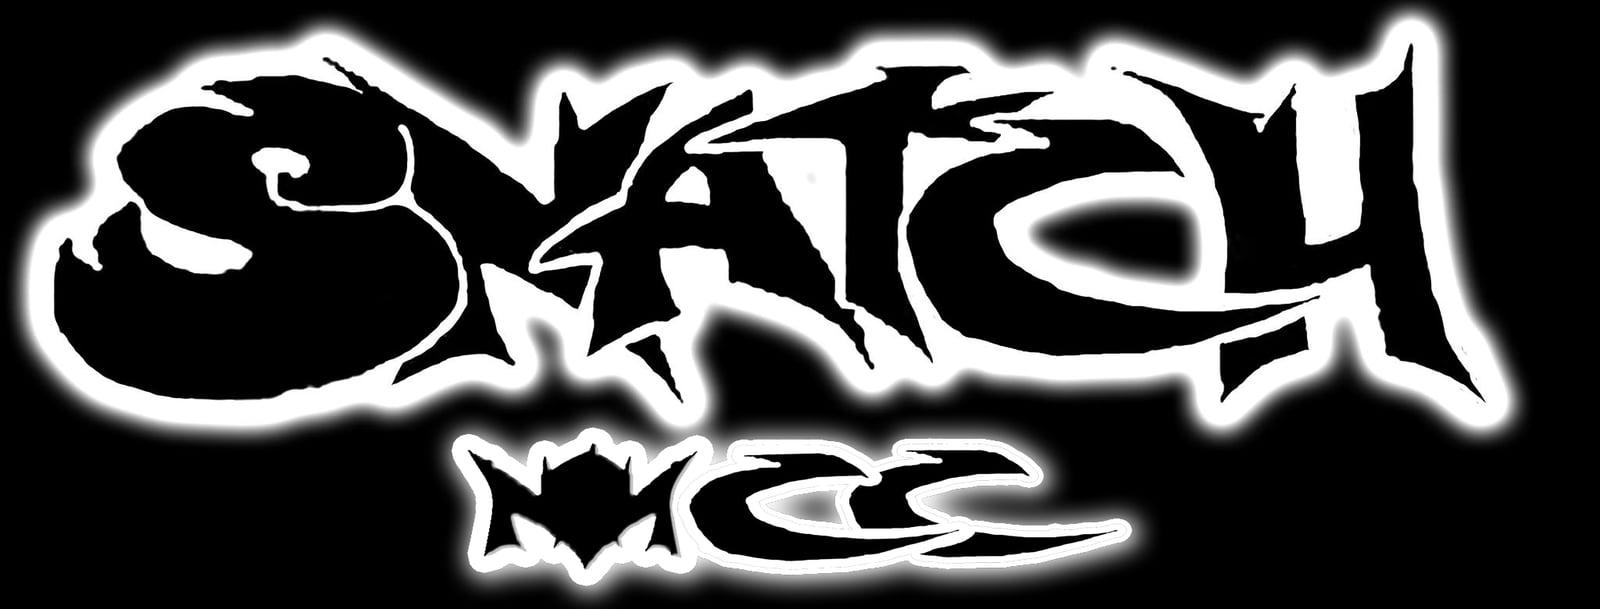 SNATCH MCC RALLY STORE